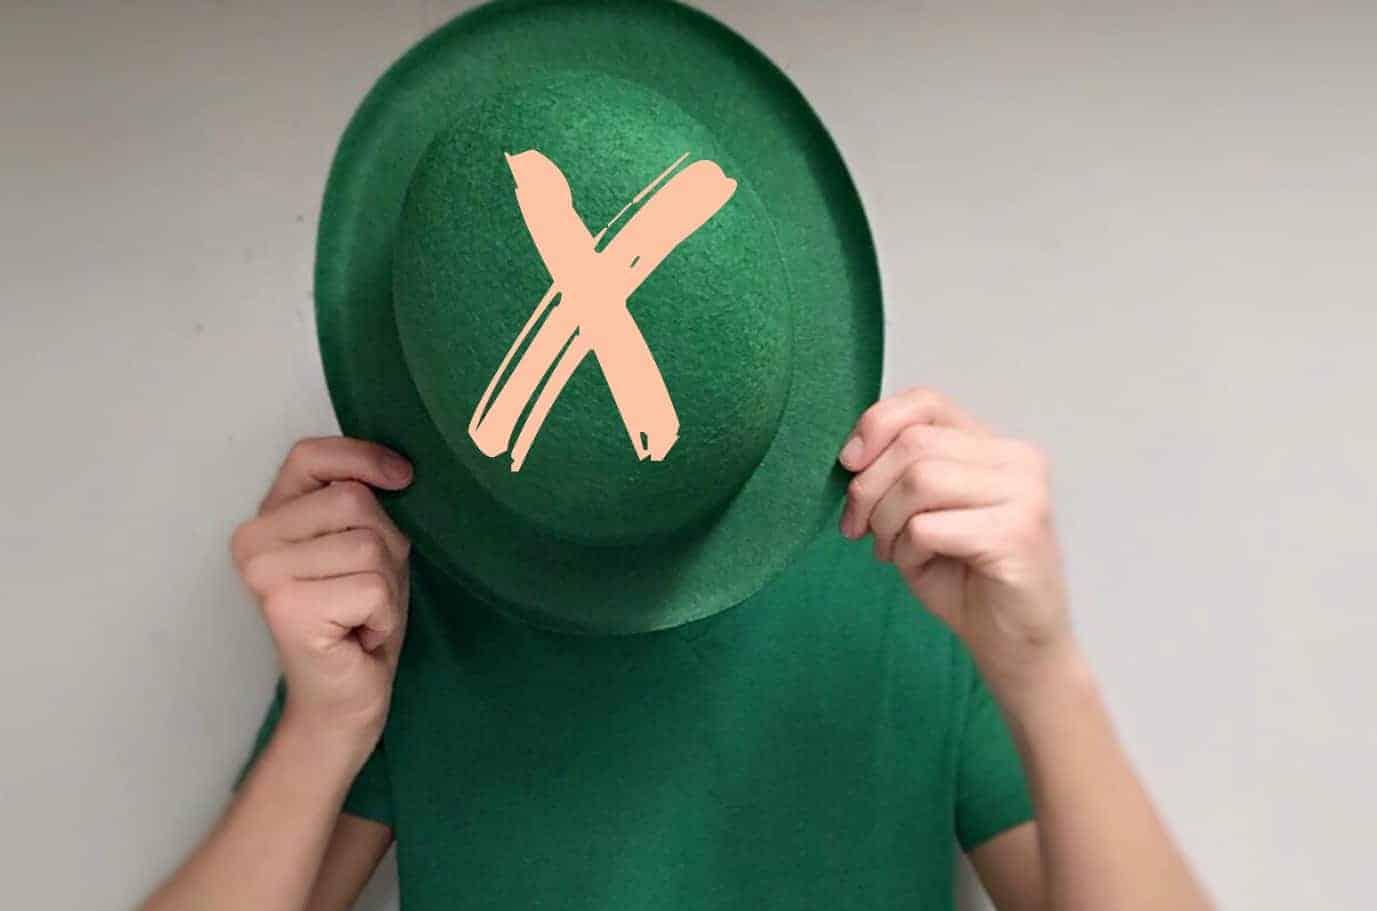 Green hat in China causing man shame